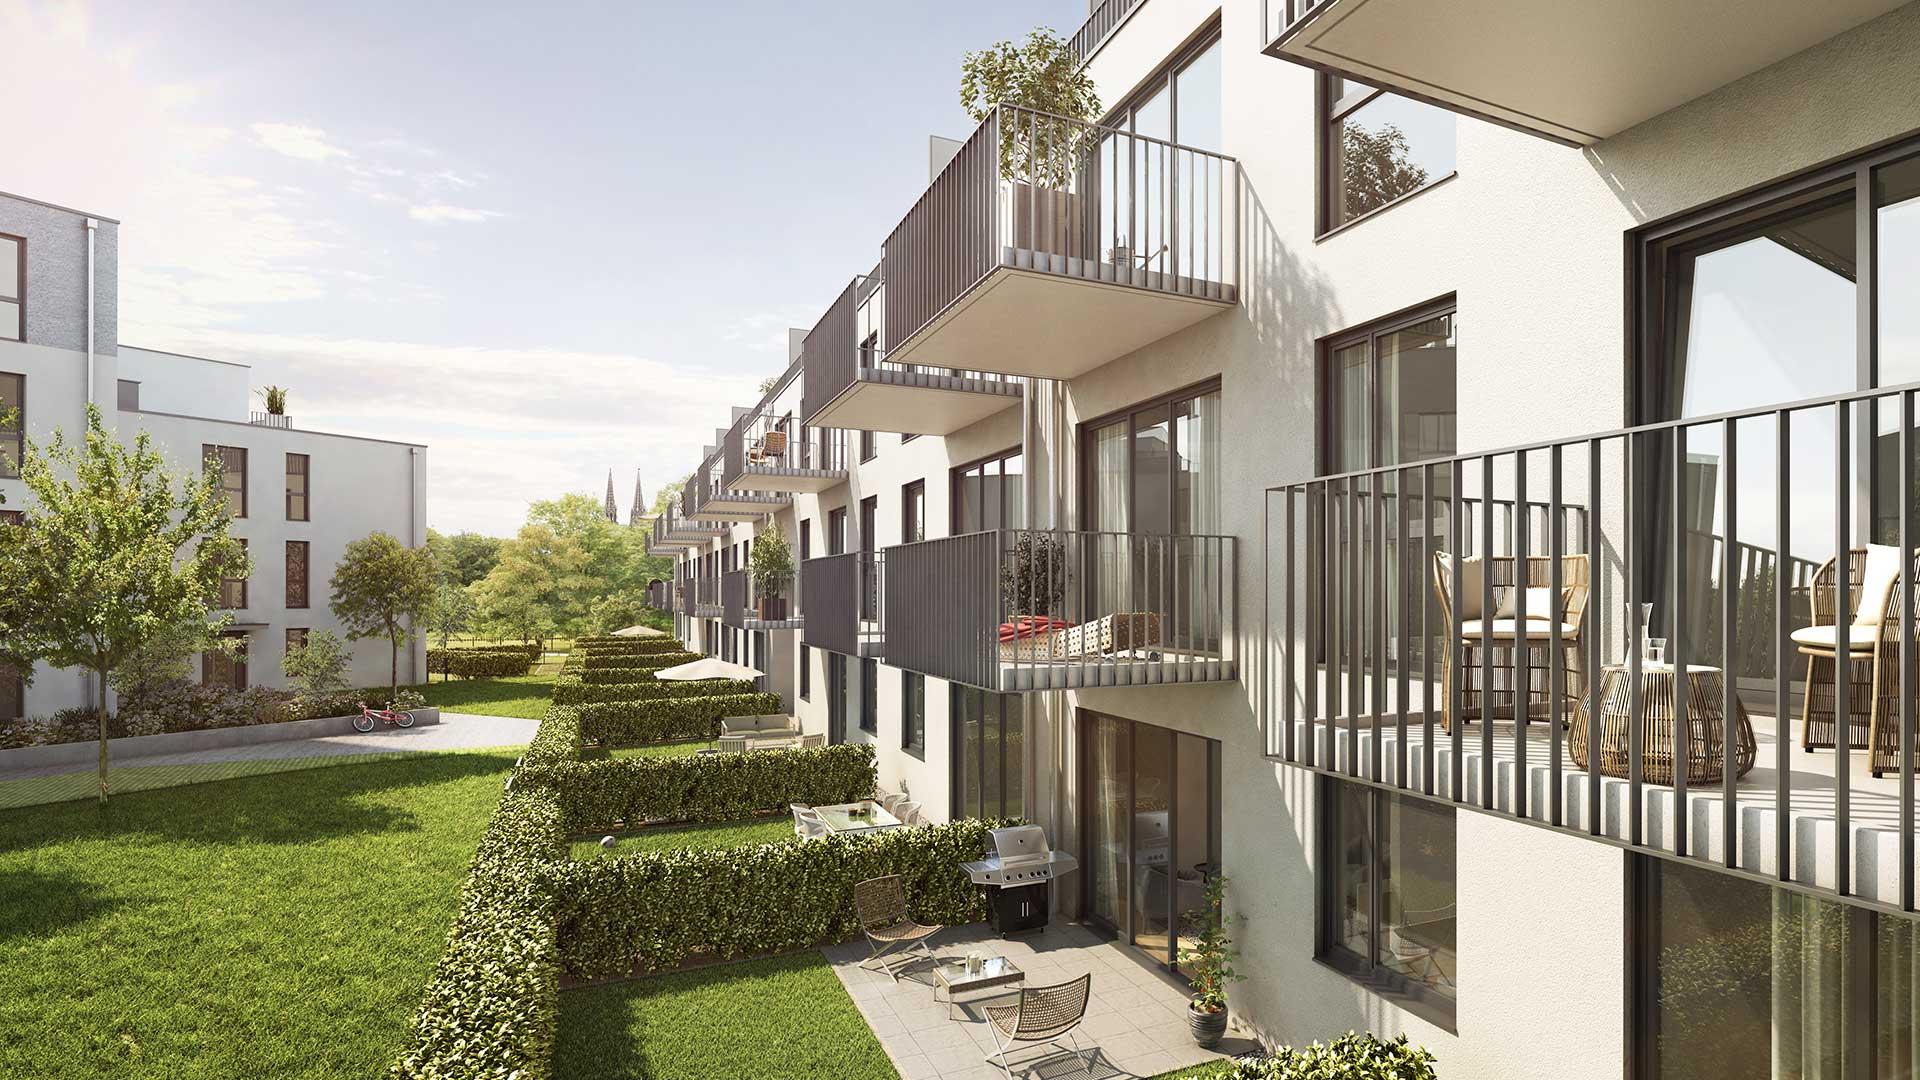 Projekt-REG-Christliebstrasse-Architektur-1